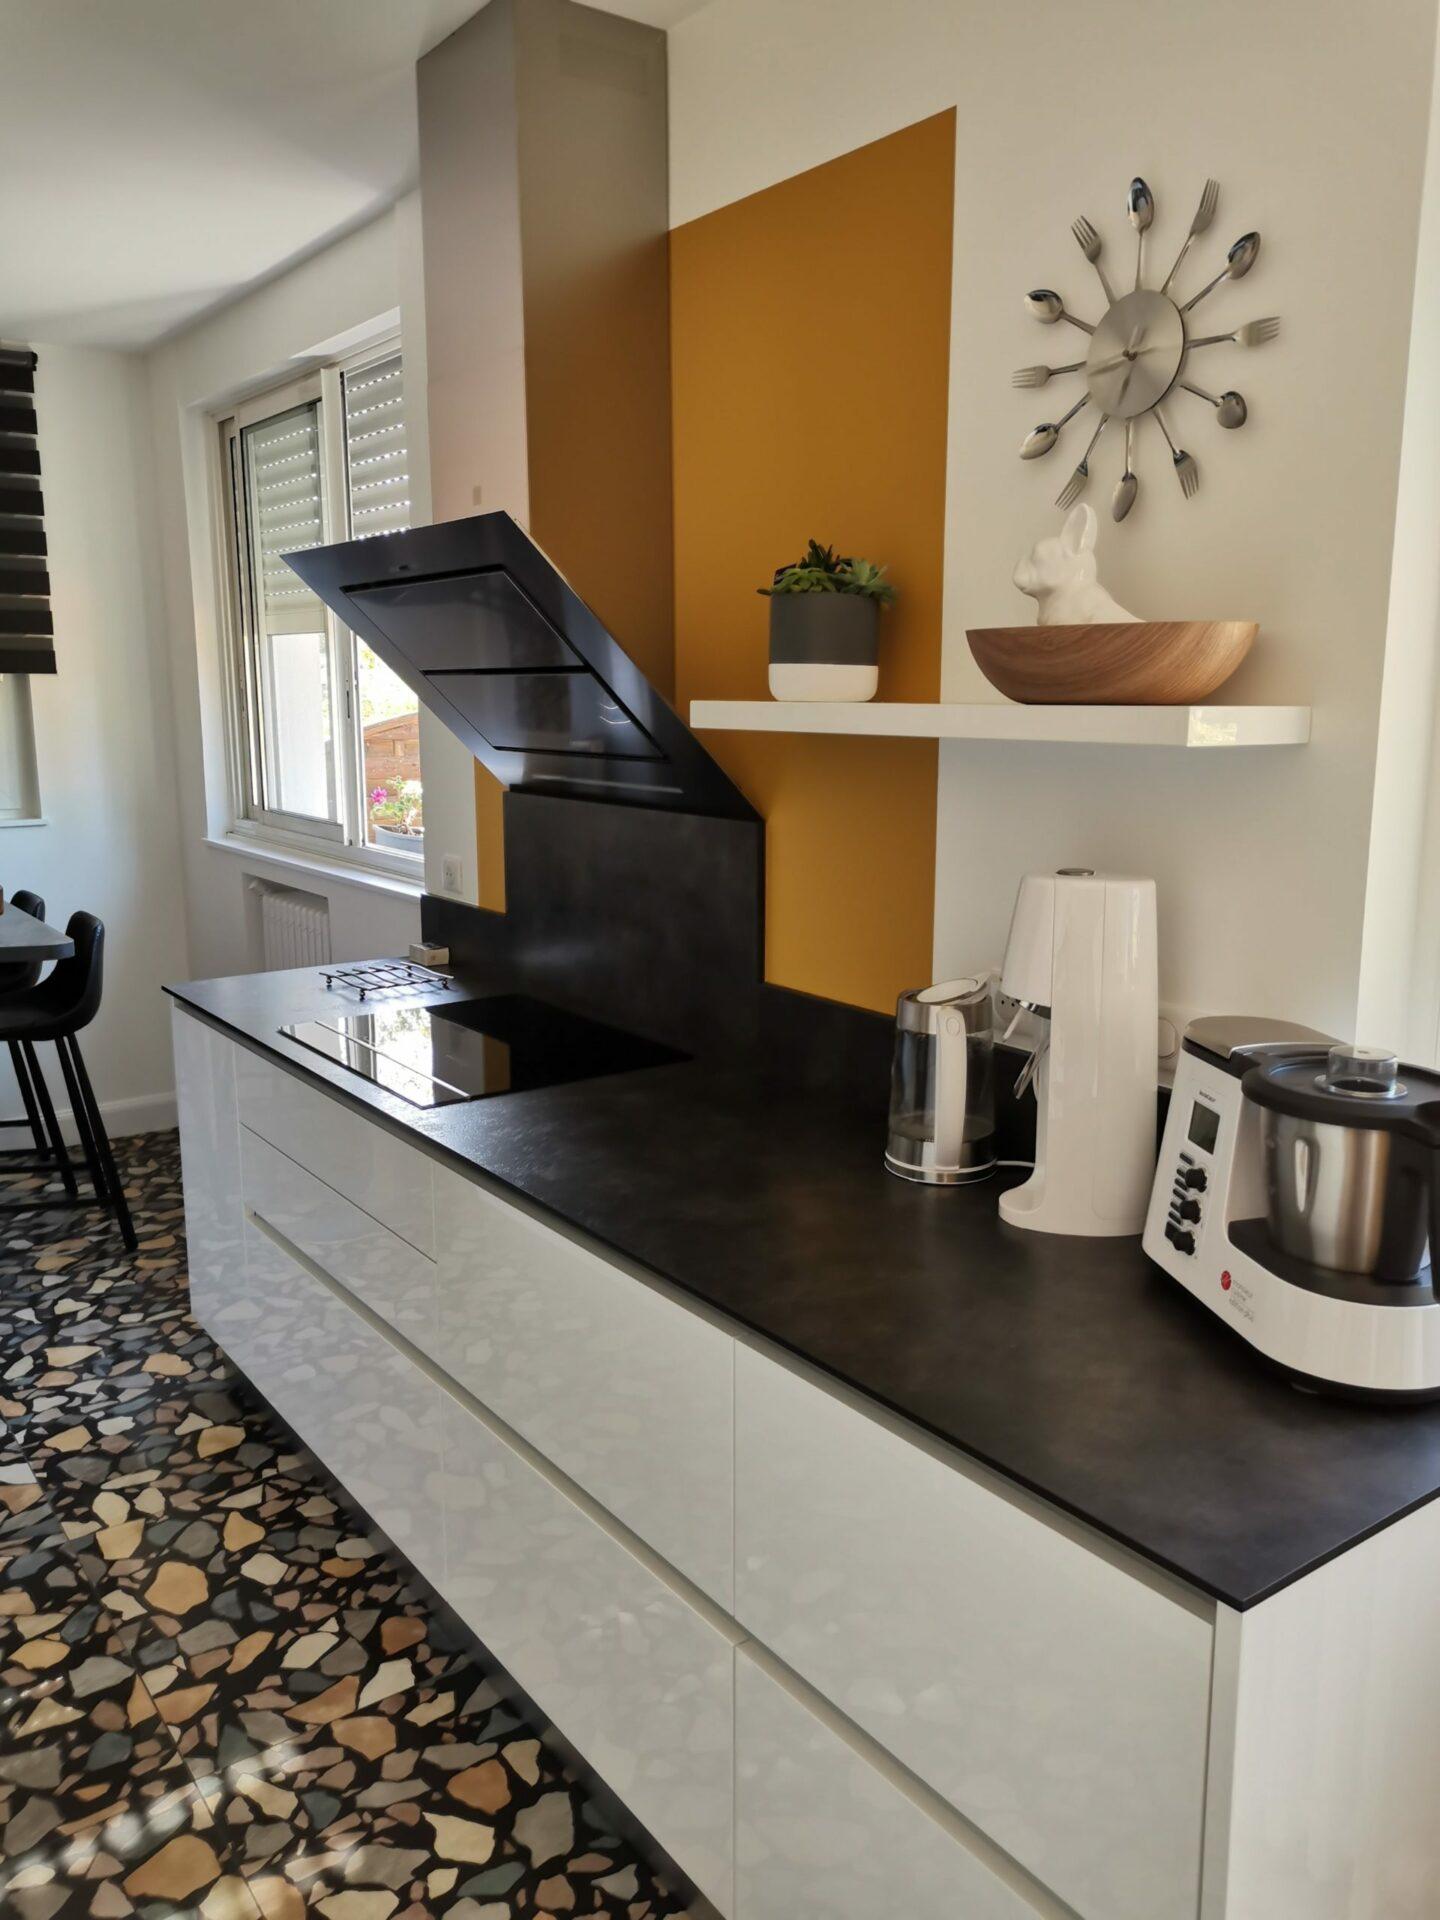 Rénovation d'une cuisine avec peinture moutarde et plan de travail par Lefort Décoration à la Séguinière dans le 49